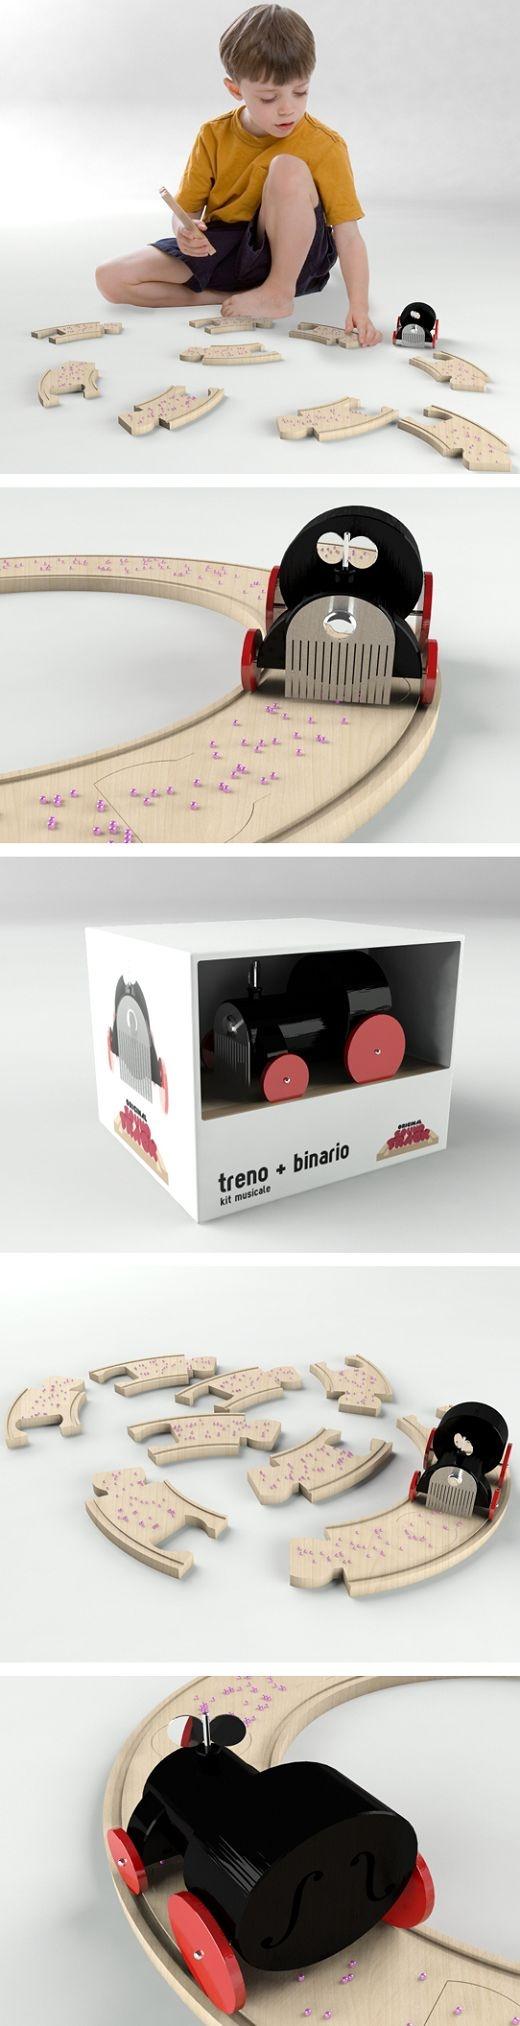 Designé par Ricardo Seola, ce jouet est un jouet éducatif pour les enfants afin de les initier à la musique, au rythme. L'idée est reprise des boîtes à musique et combine ainsi toutes les possibilités de la construction d'une piste musicale…